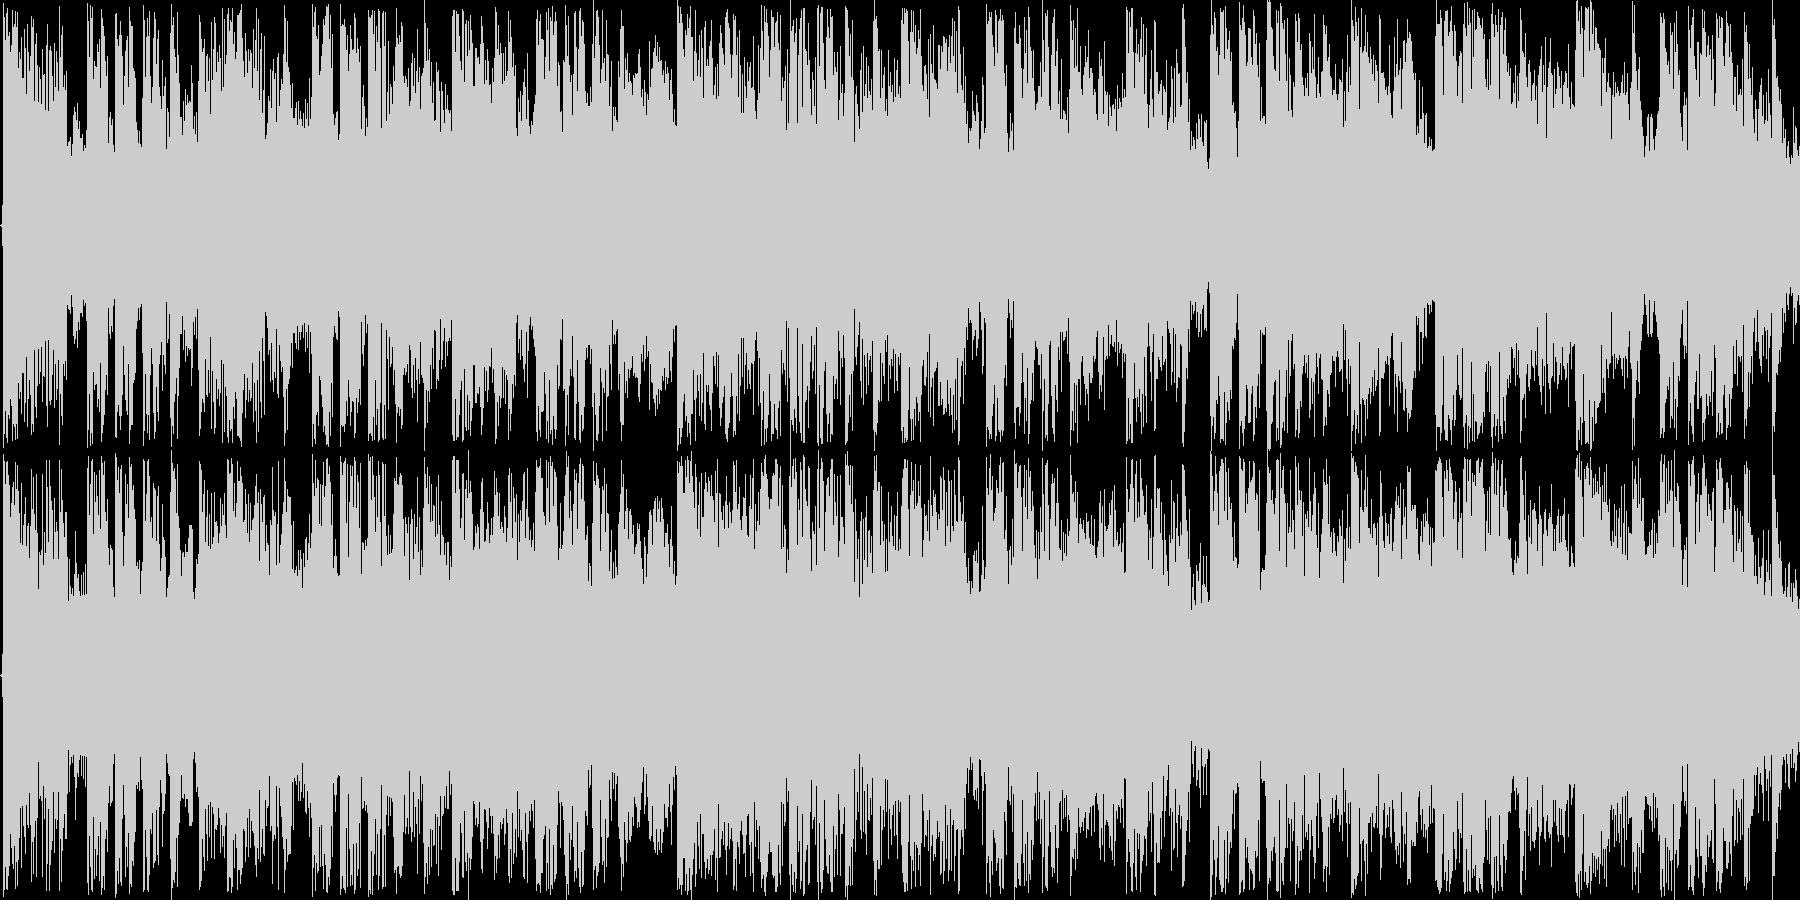 冬をイメージしたエレクトロポップスの未再生の波形